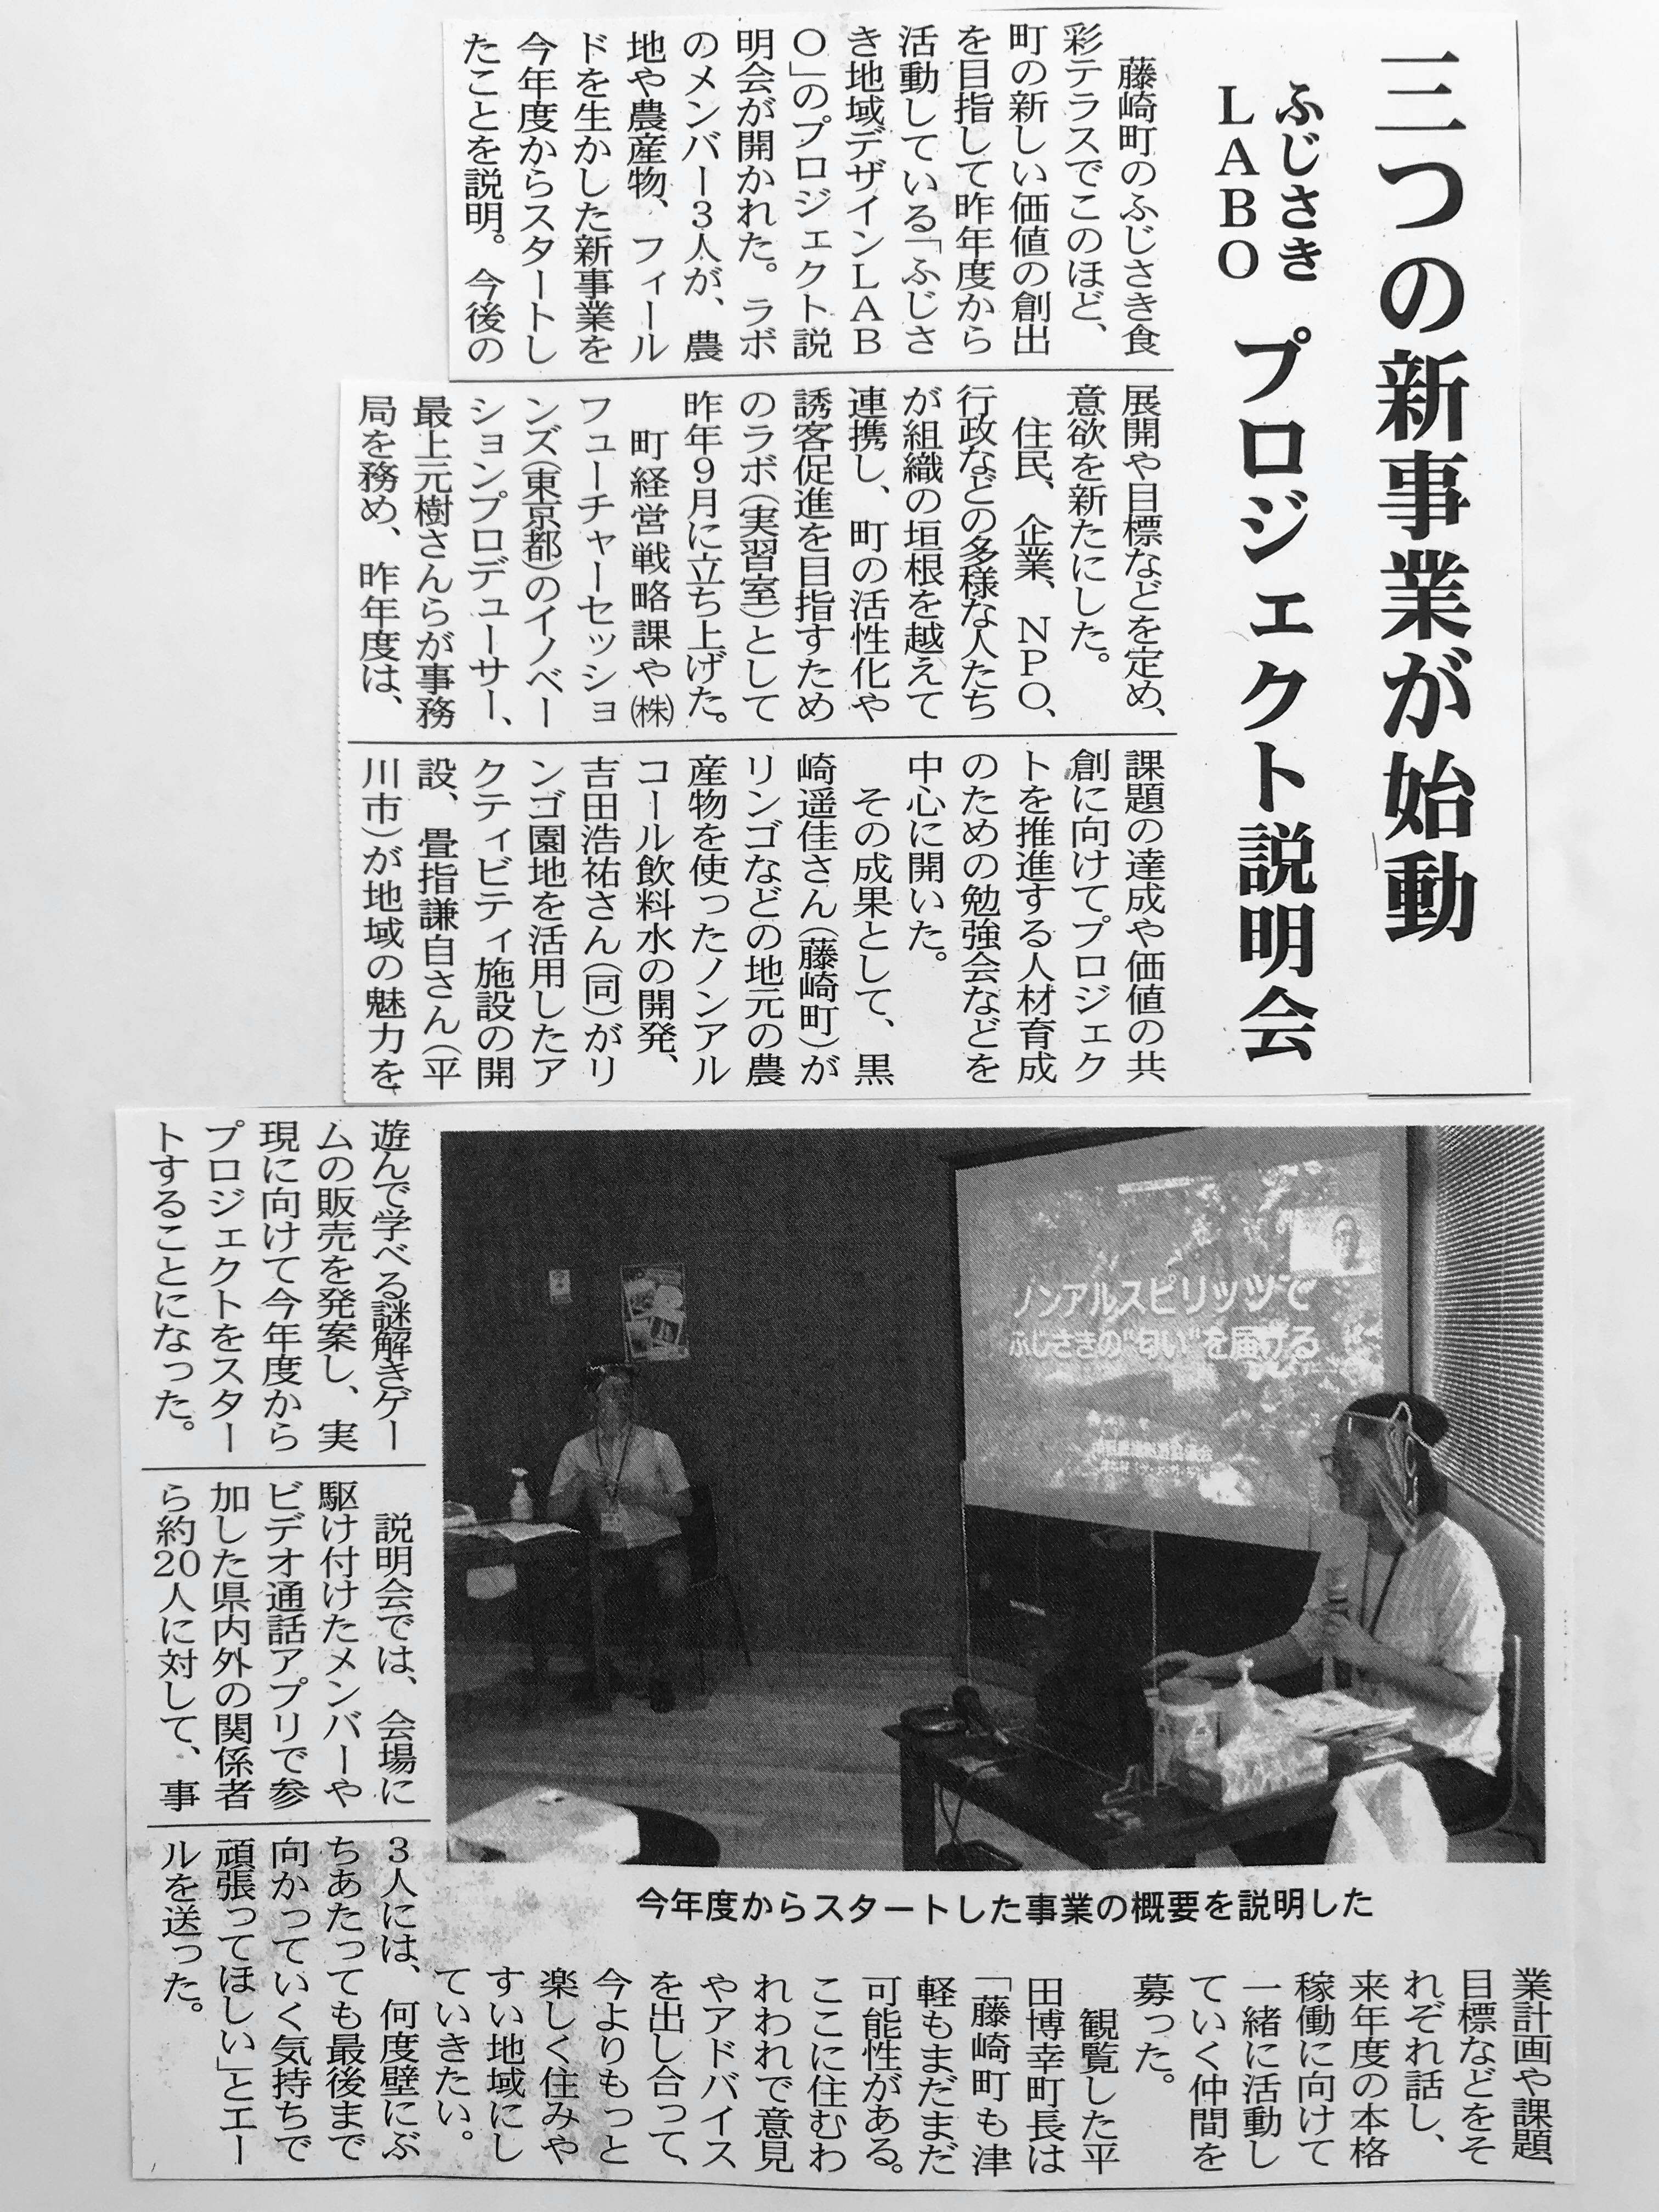 【藤崎町 未来志向の地域デザインプロジェクト 2020】プロジェクト説明会